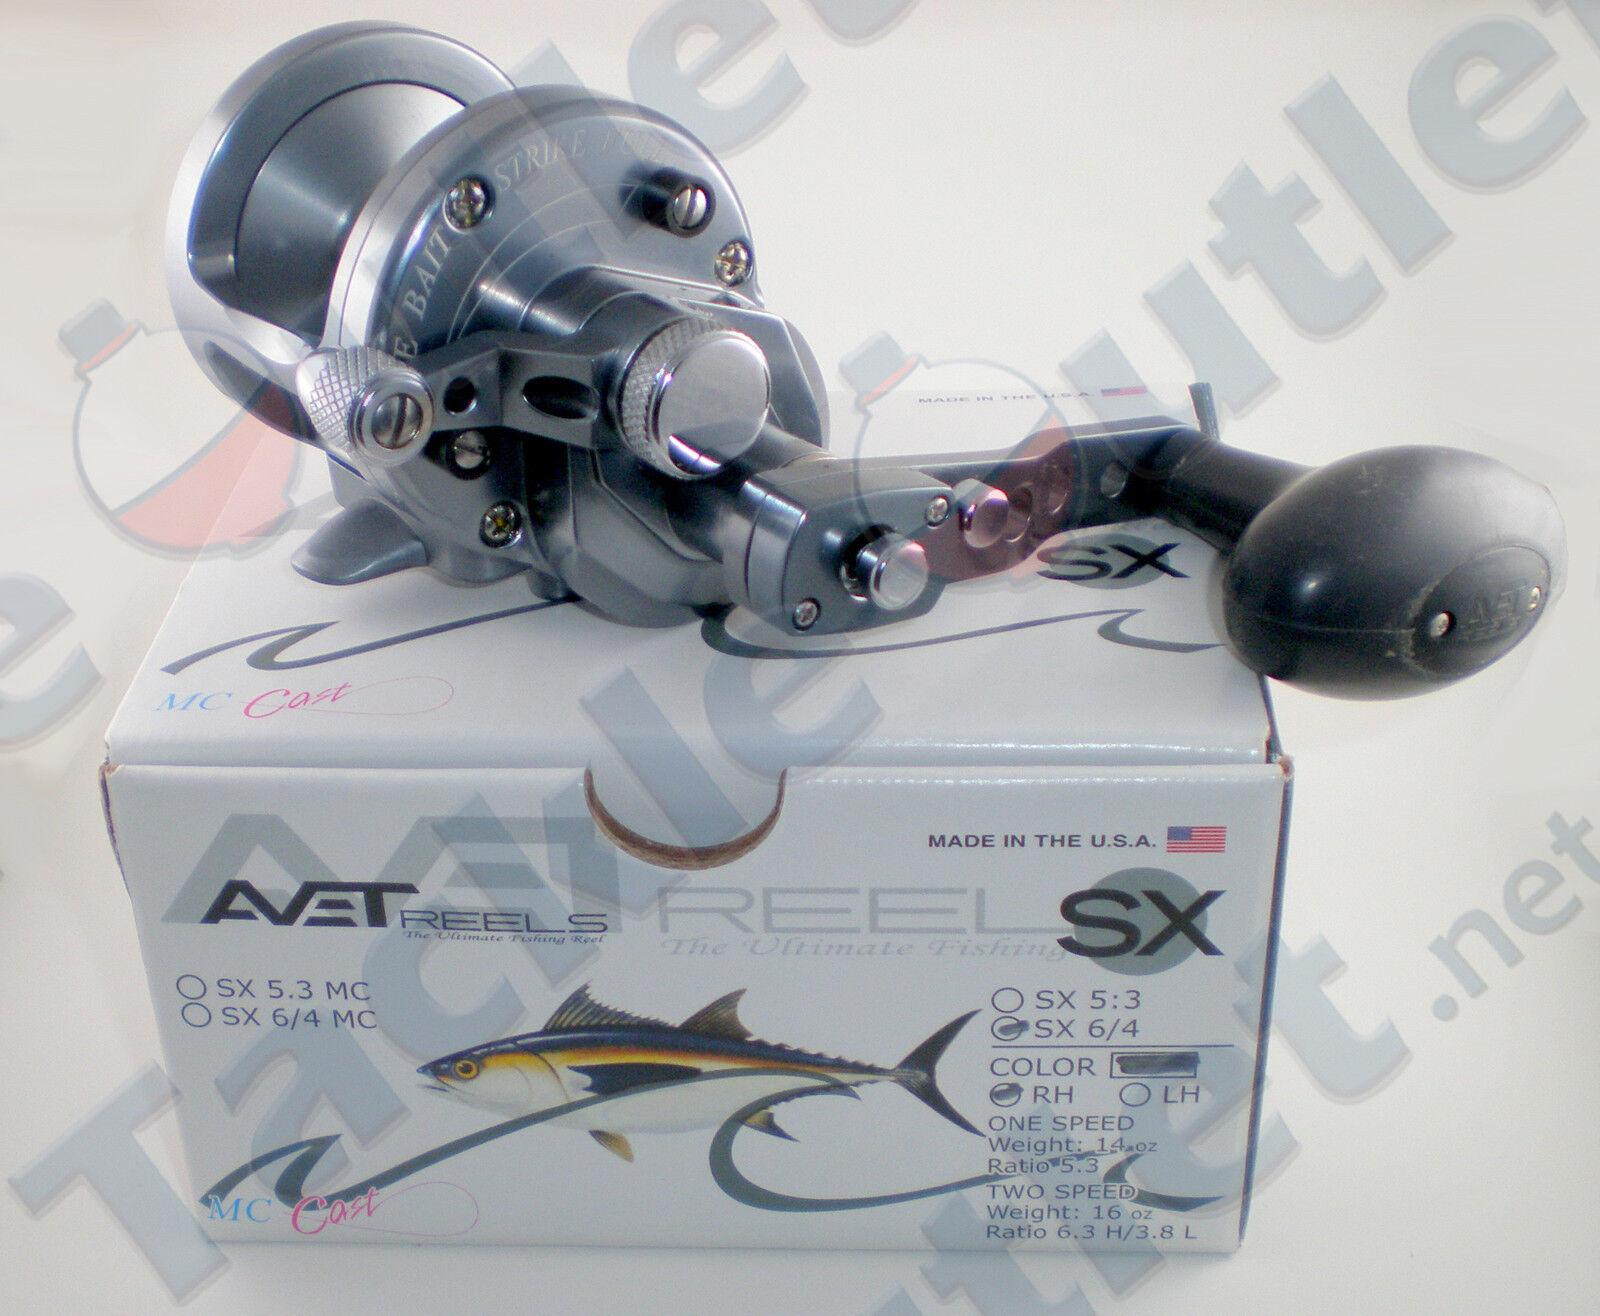 Avet SX6 4 Gunmetal Lever Drag Conventional Reel